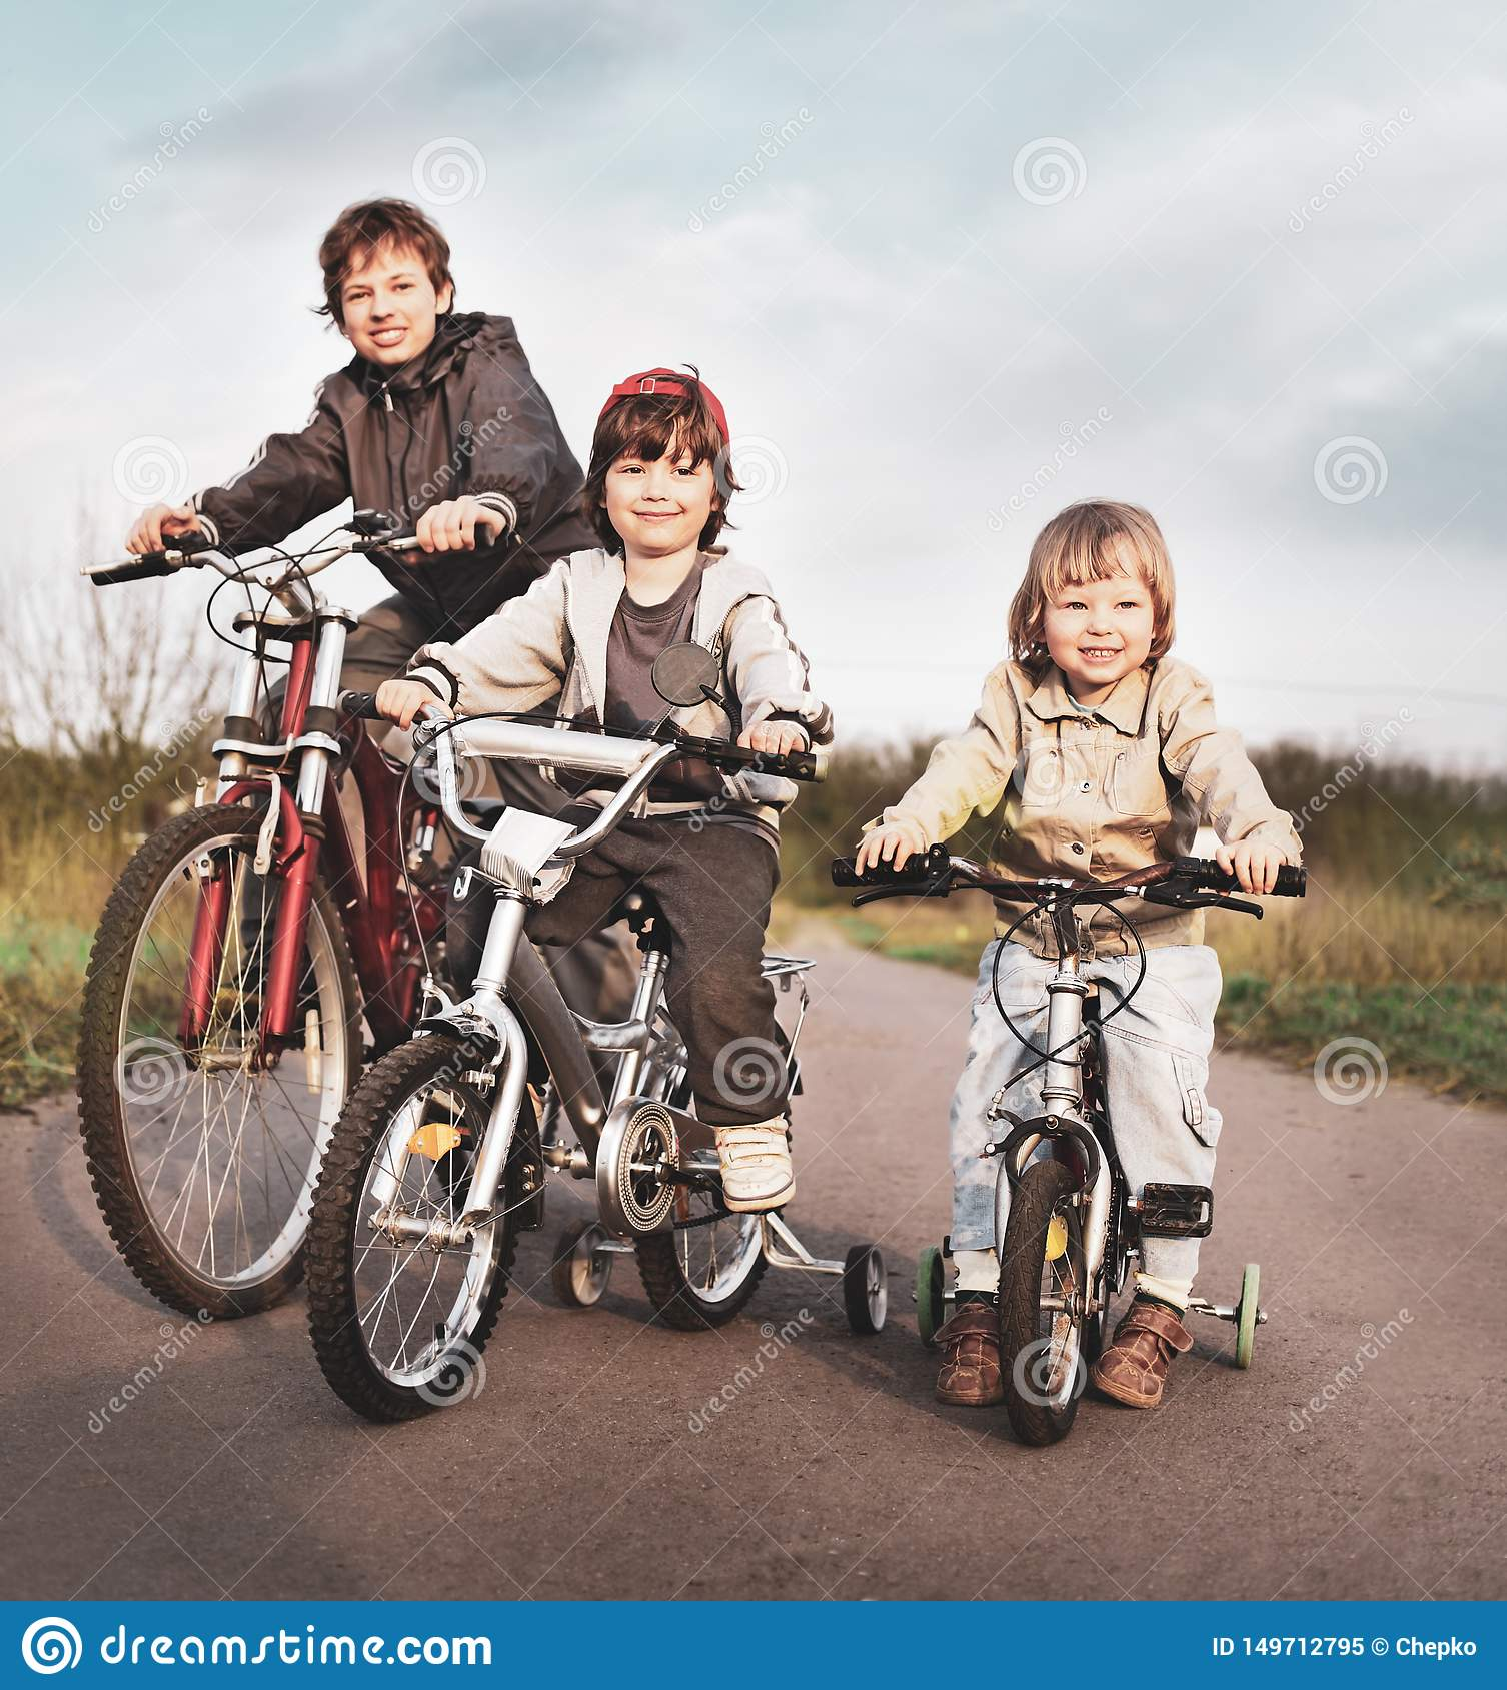 Братья едут на велосипедах